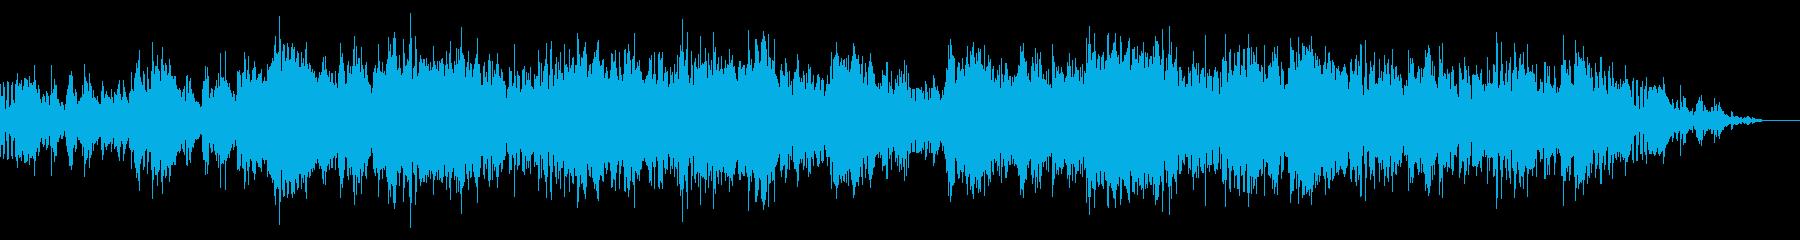 アトモスフィリックで不思議なBGMの再生済みの波形